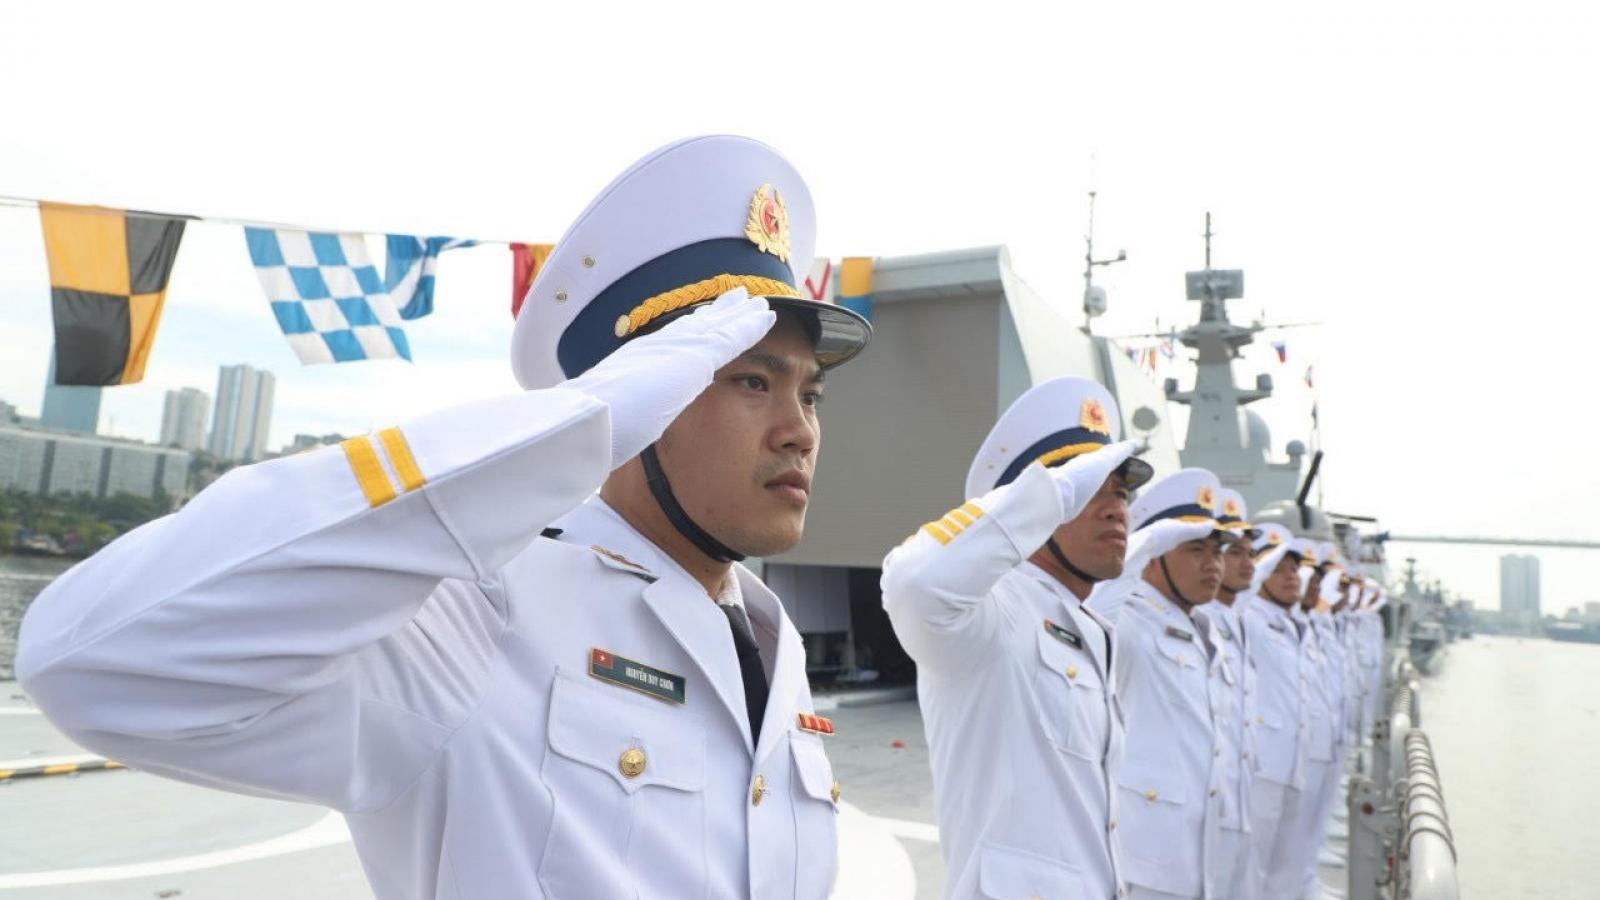 Biên đội tàu hộ vệ tên lửa của Hải quân Việt Nam tham dự Lễ duyệt binh tại Liên bang Nga